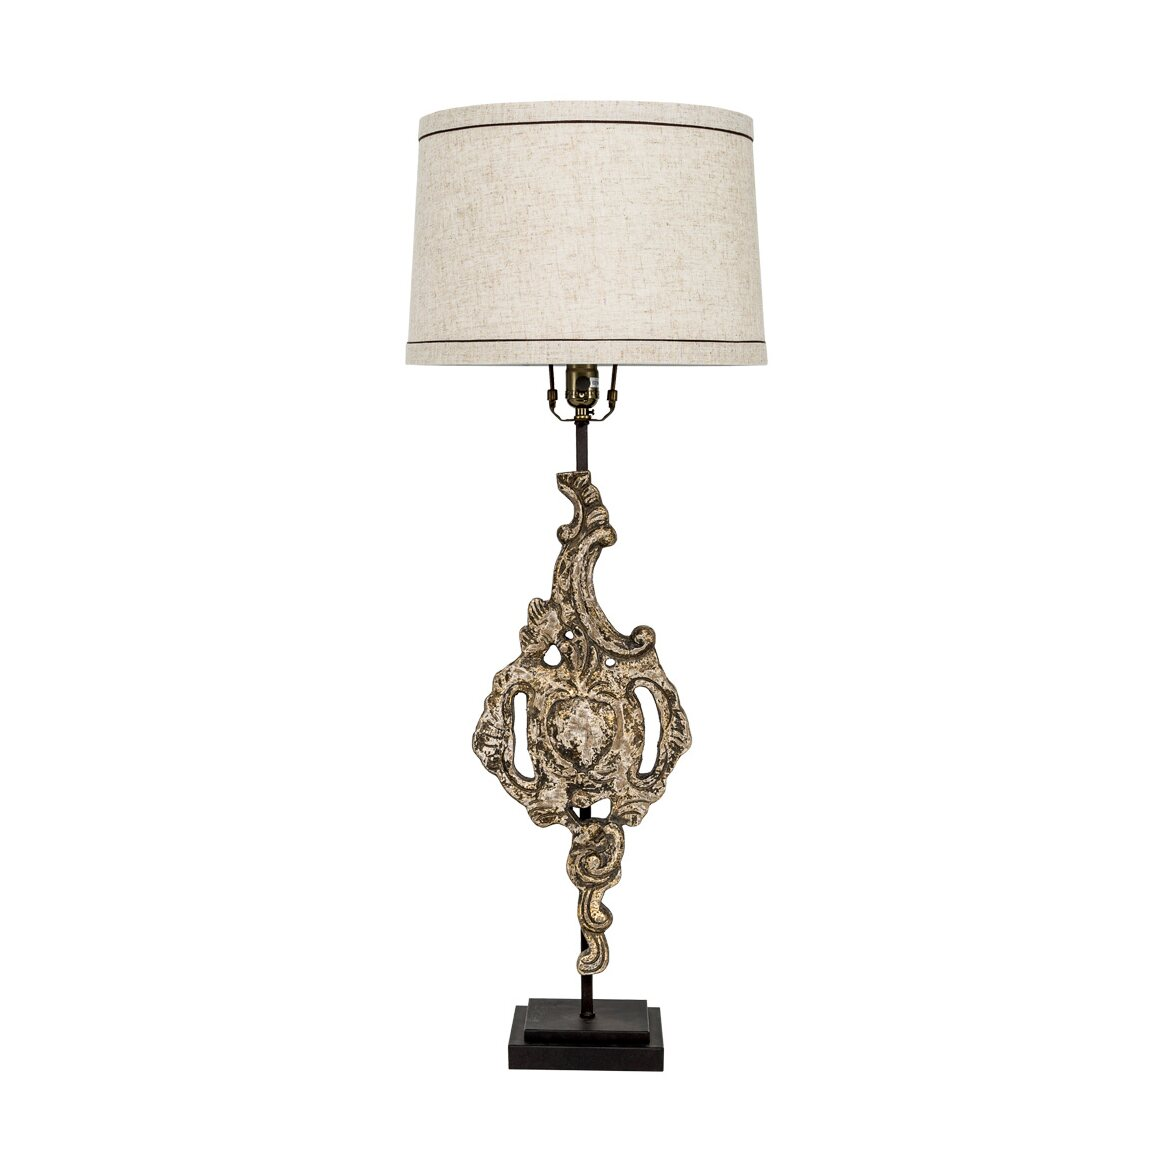 Настольная лампа «Дельта»   Настольные лампы Kingsby